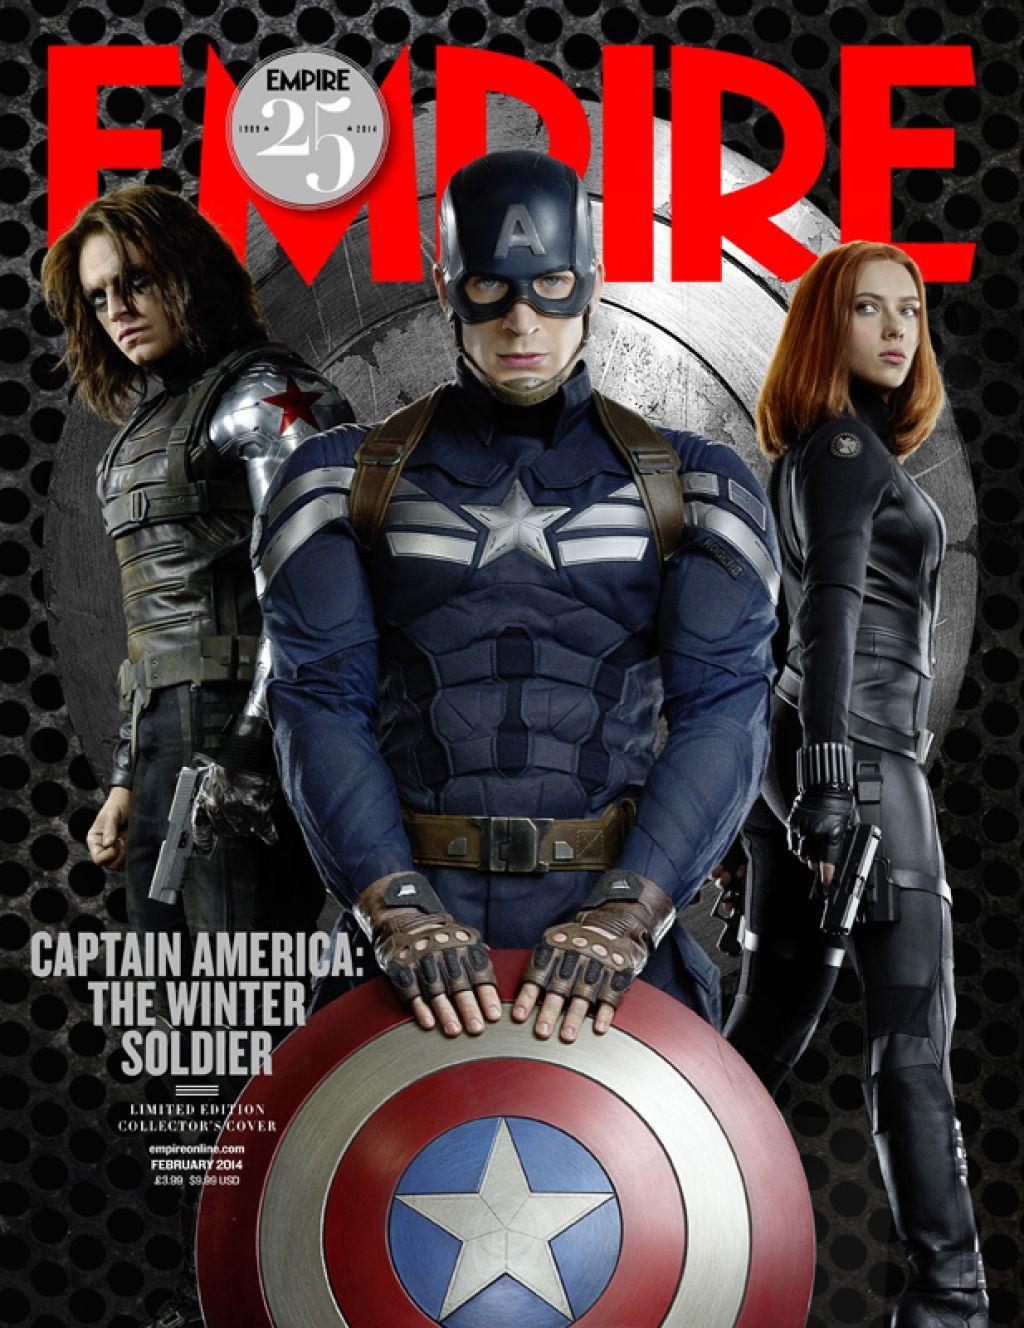 Капитан Америка покорил британских издателей